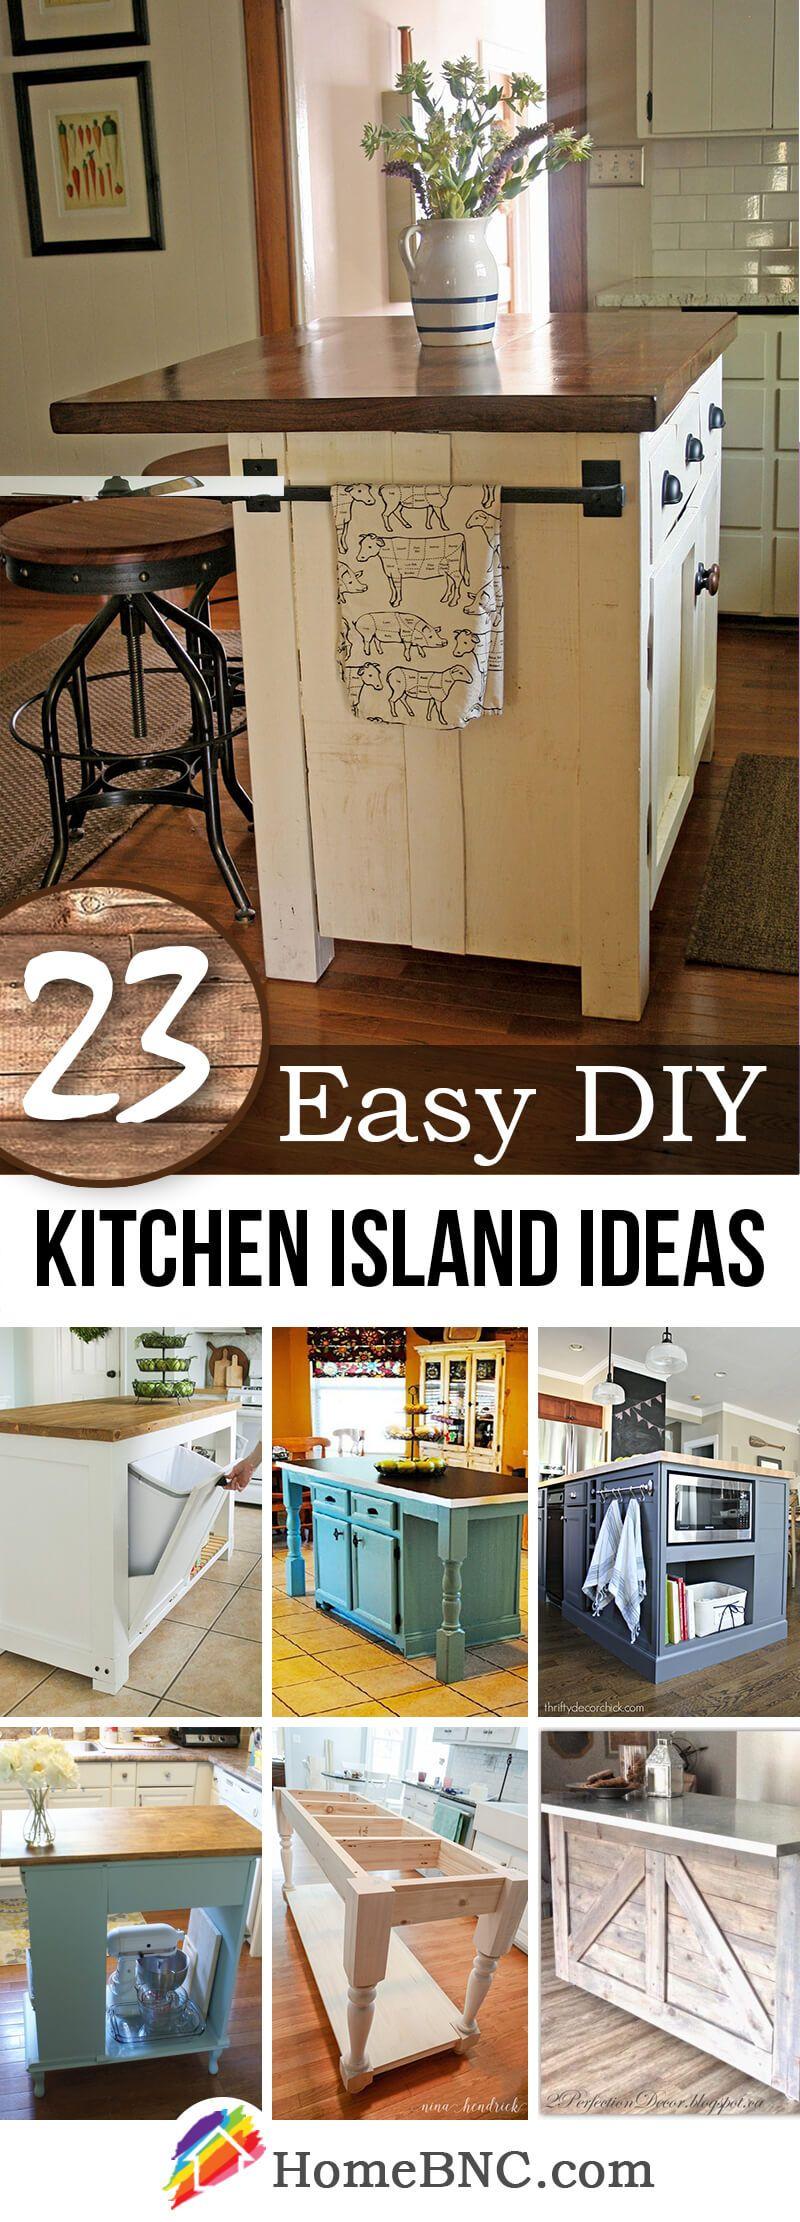 23 fantastische diy k cheninsel ideen um ihre k che zu verwandeln m bel selbst bauen. Black Bedroom Furniture Sets. Home Design Ideas